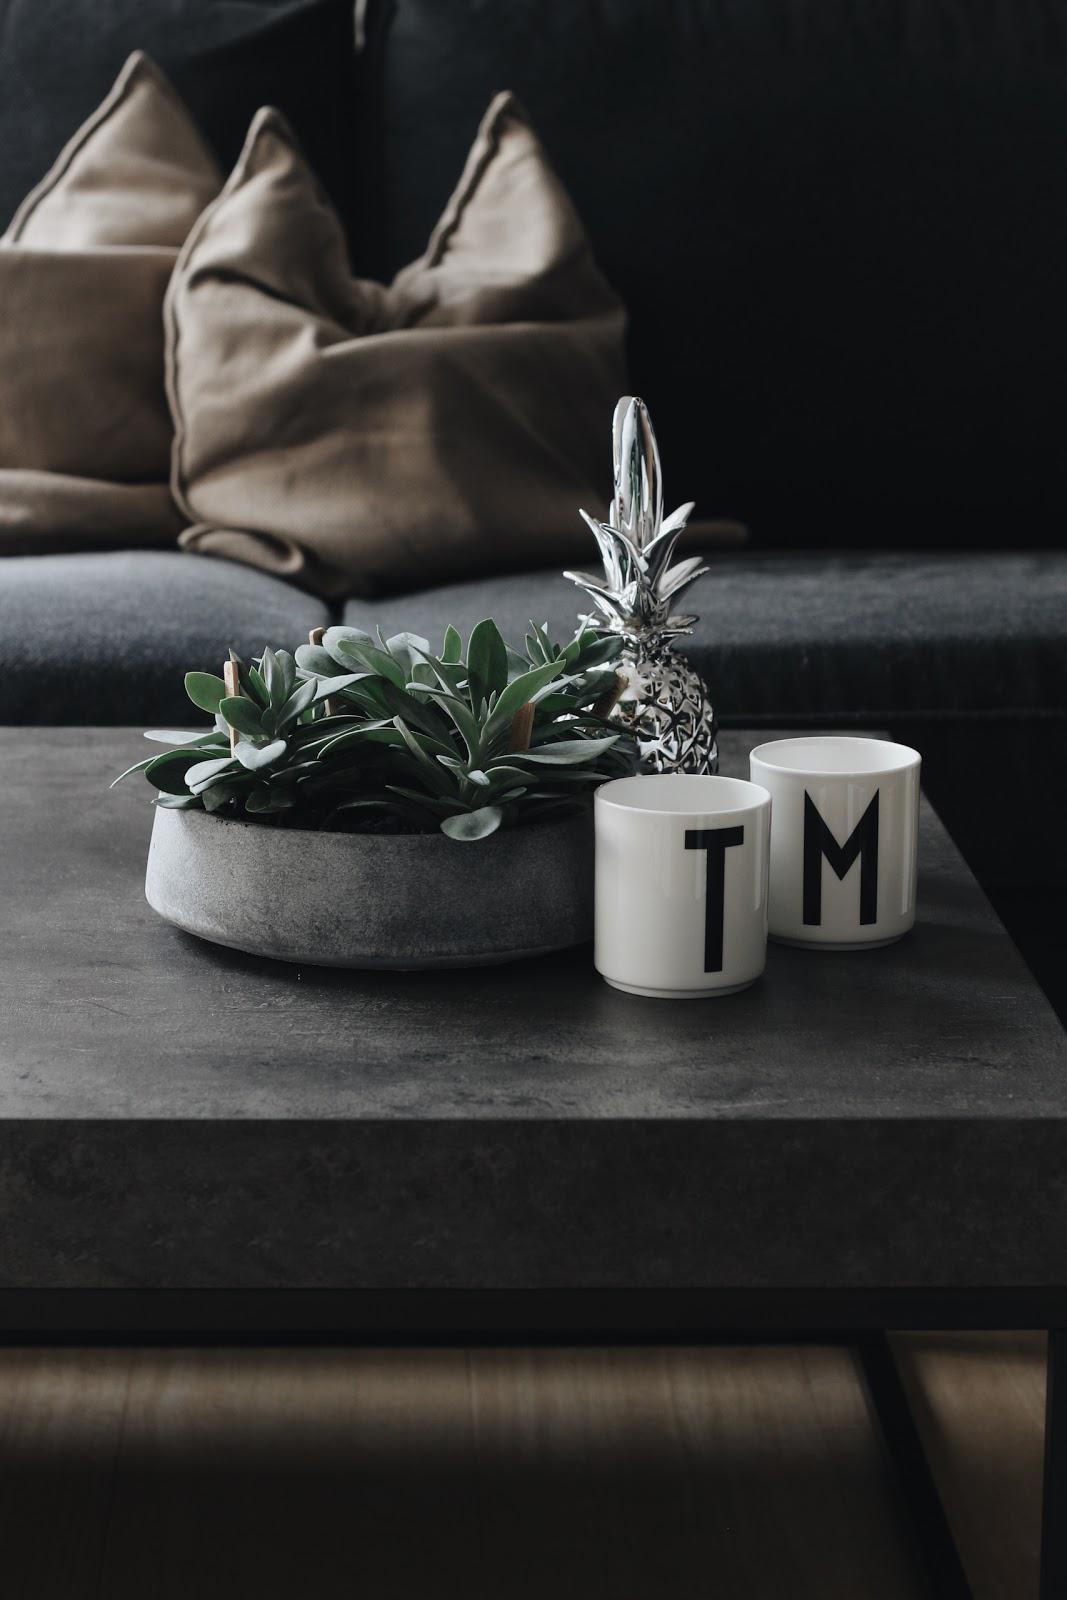 Einblick in unser Wohnzimmer - Der Coffeetable - LITTLE EMMA